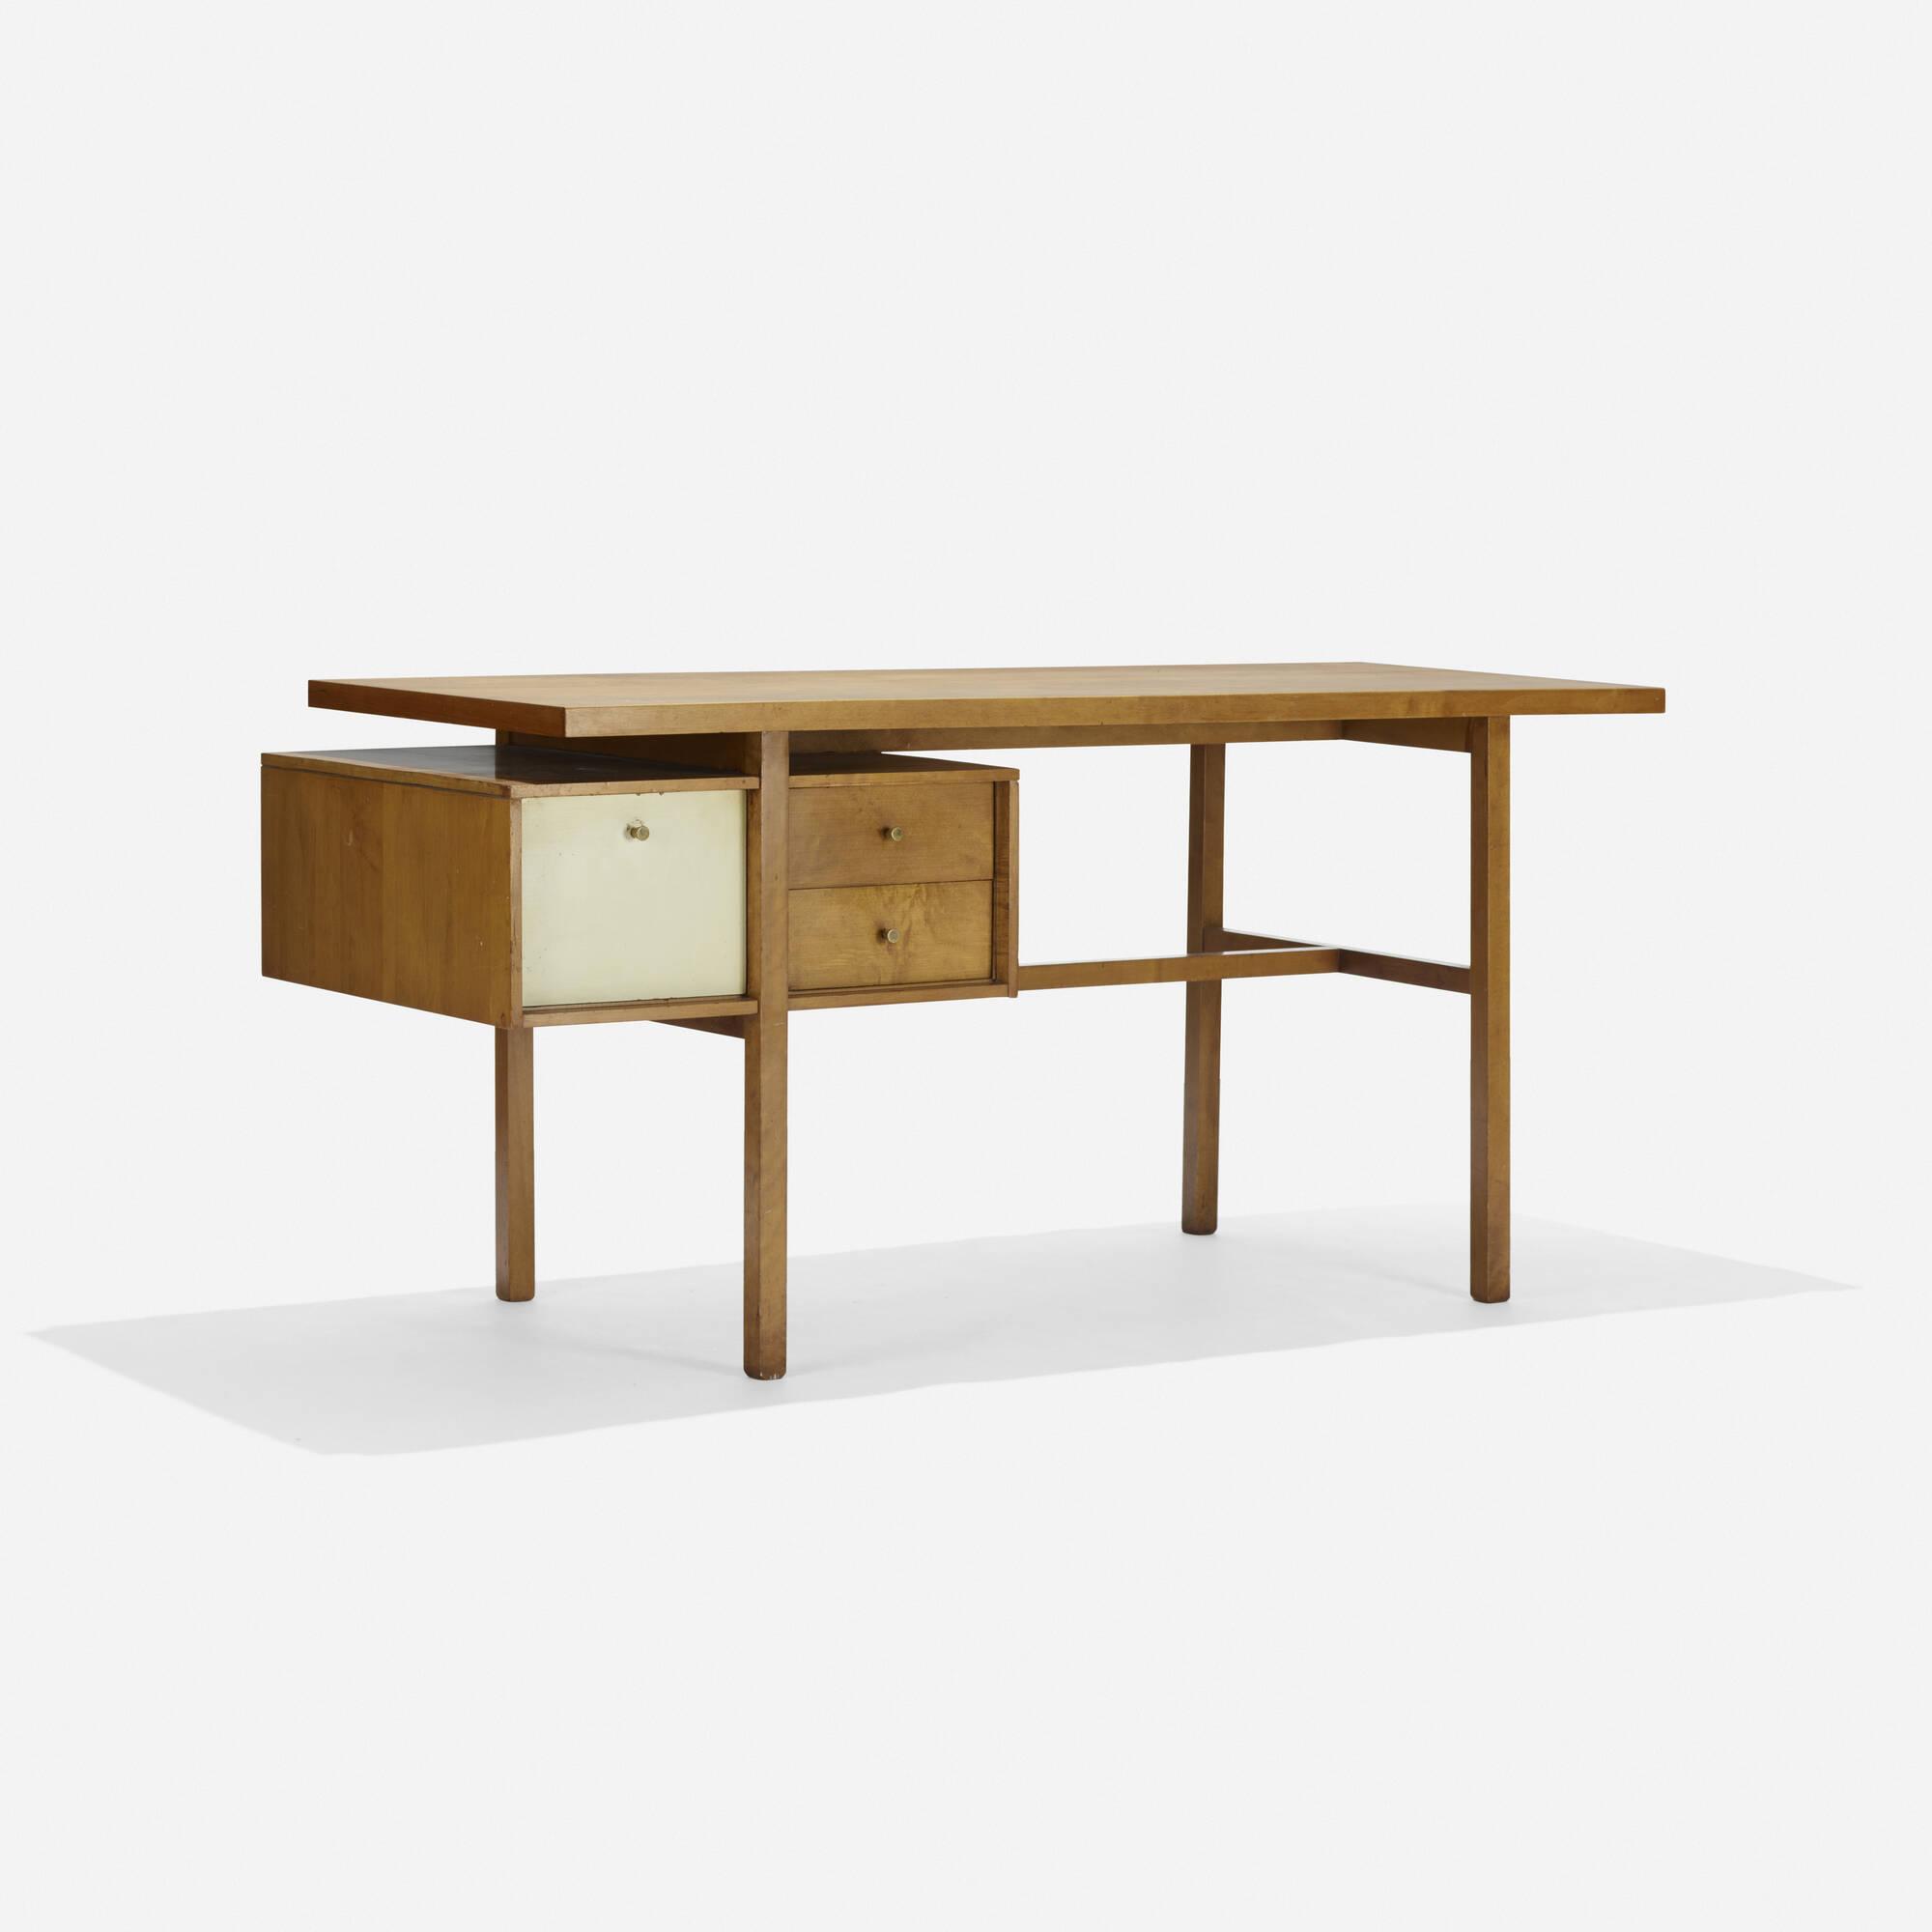 228: Milo Baughman / desk (1 of 3)